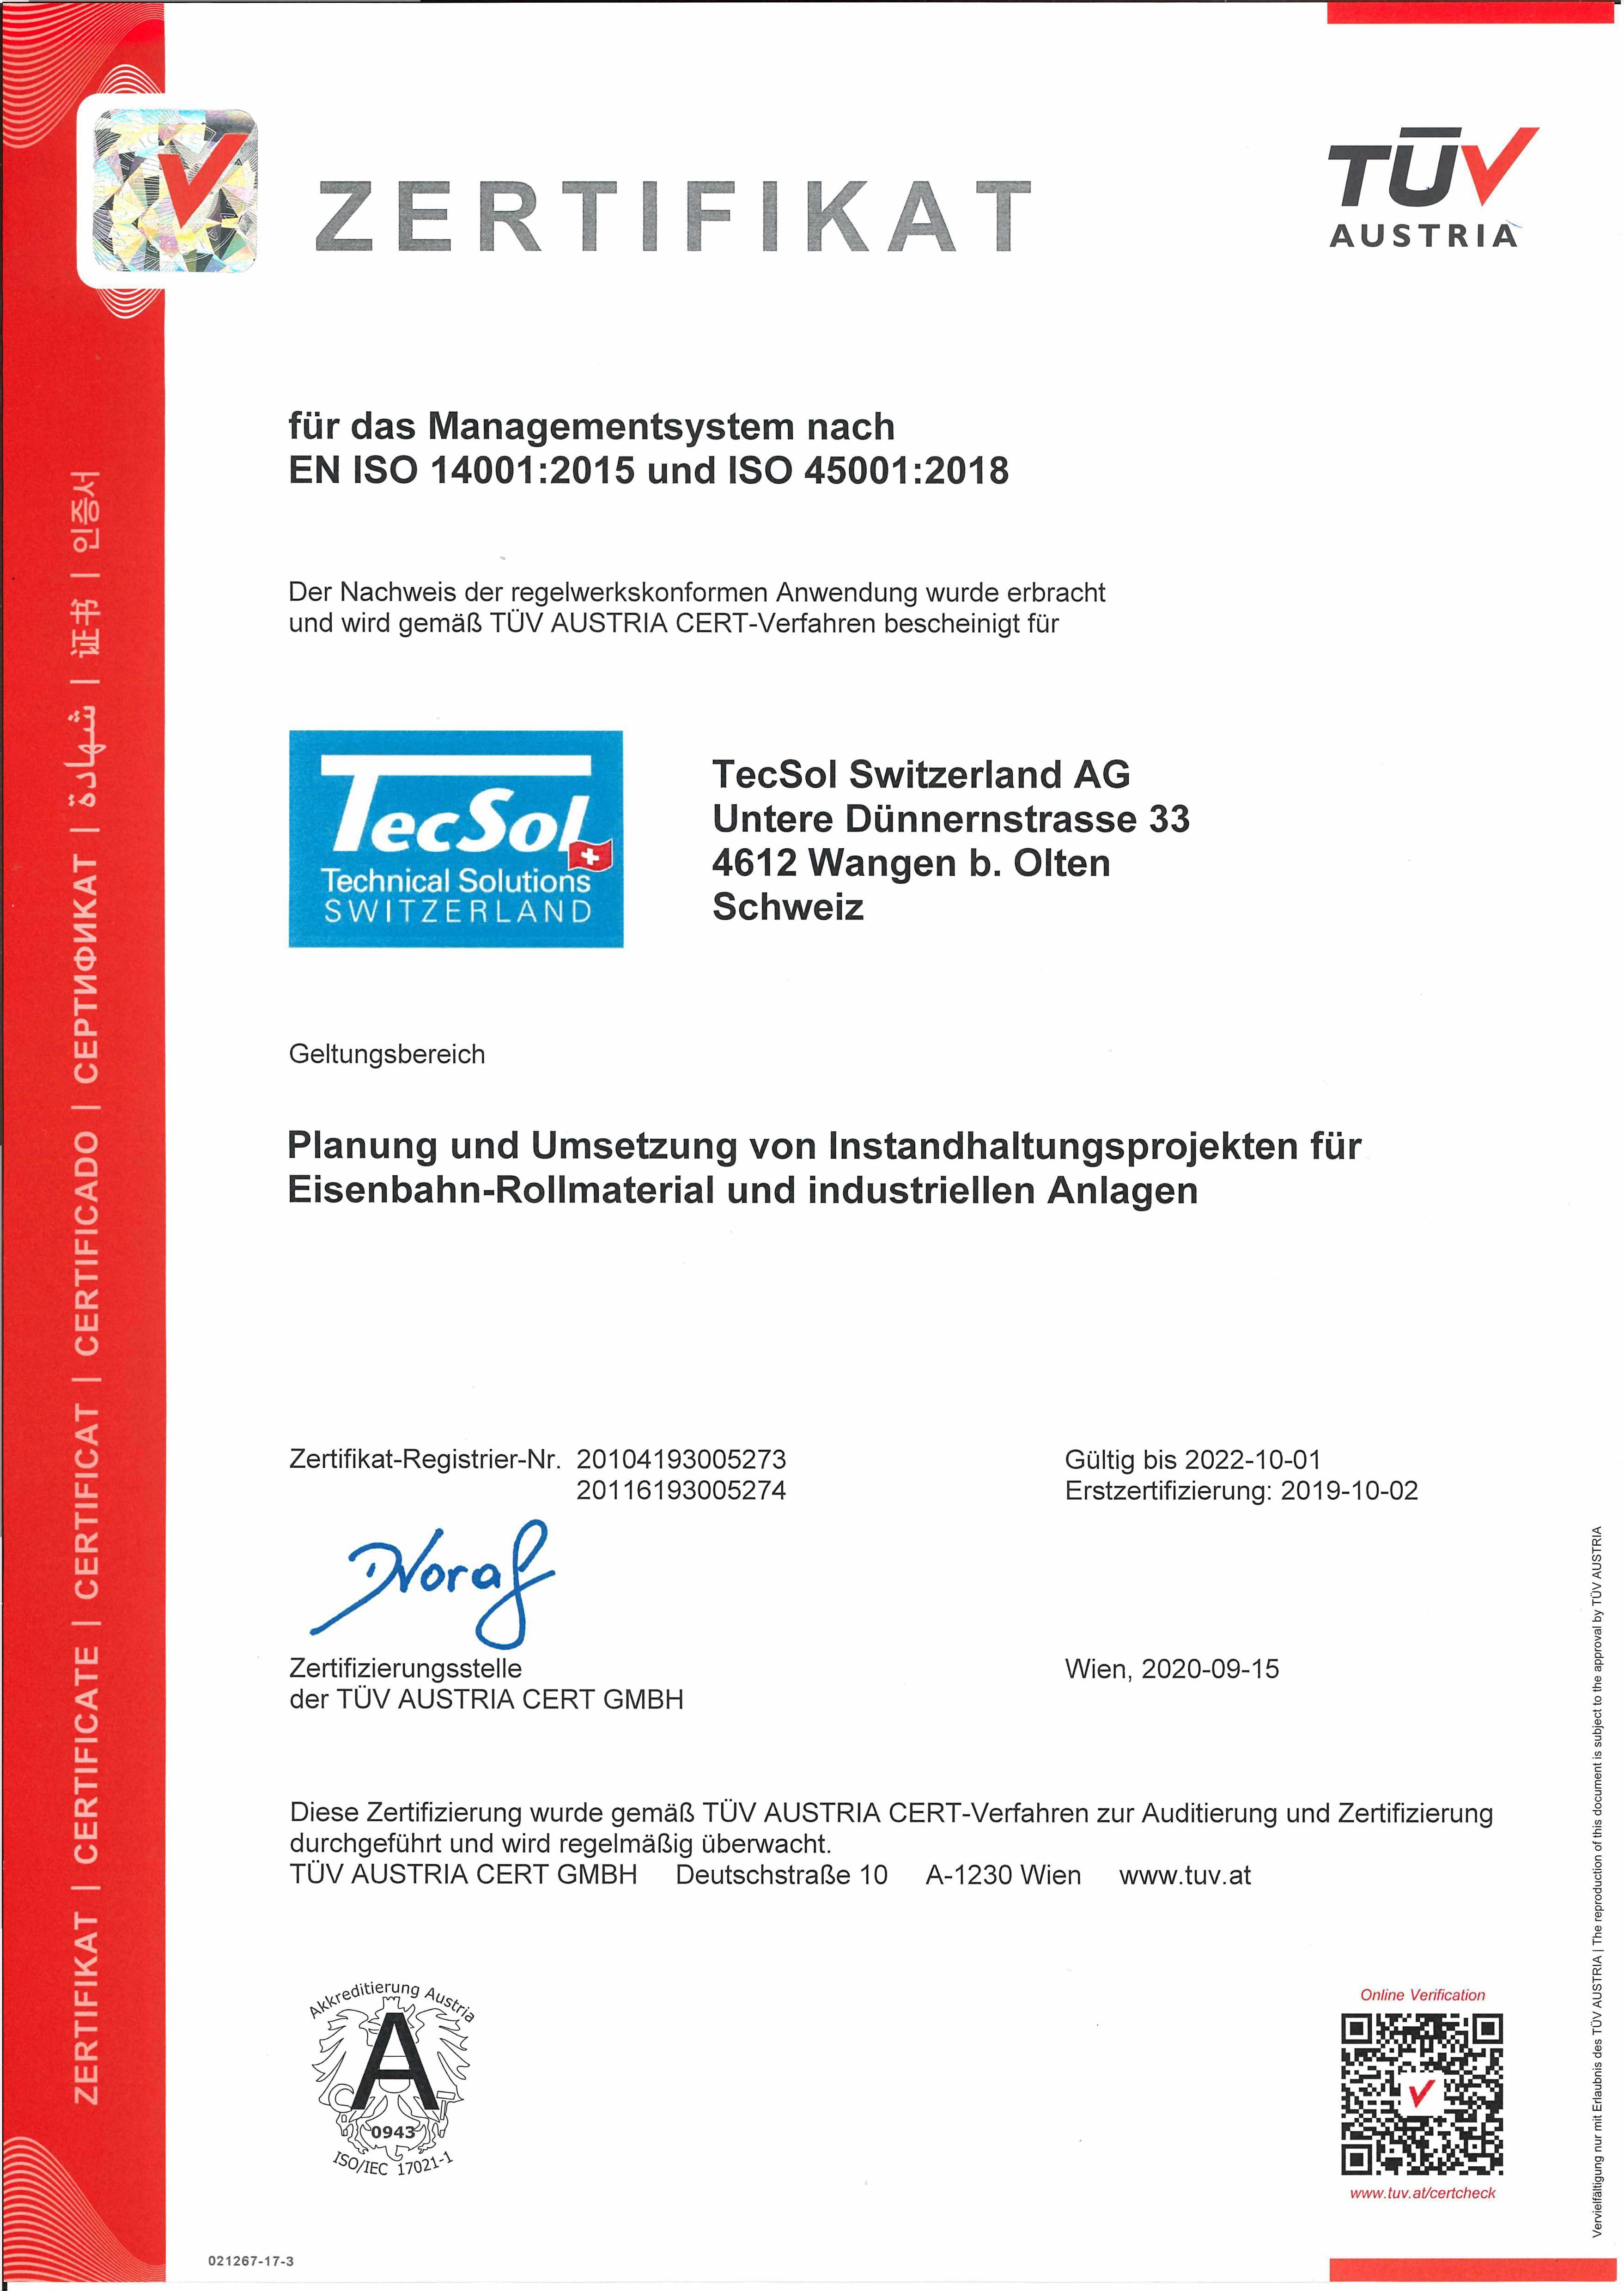 tecsol_deu_20200915_EN ISO 14001_2015 und ISO 45001_2018